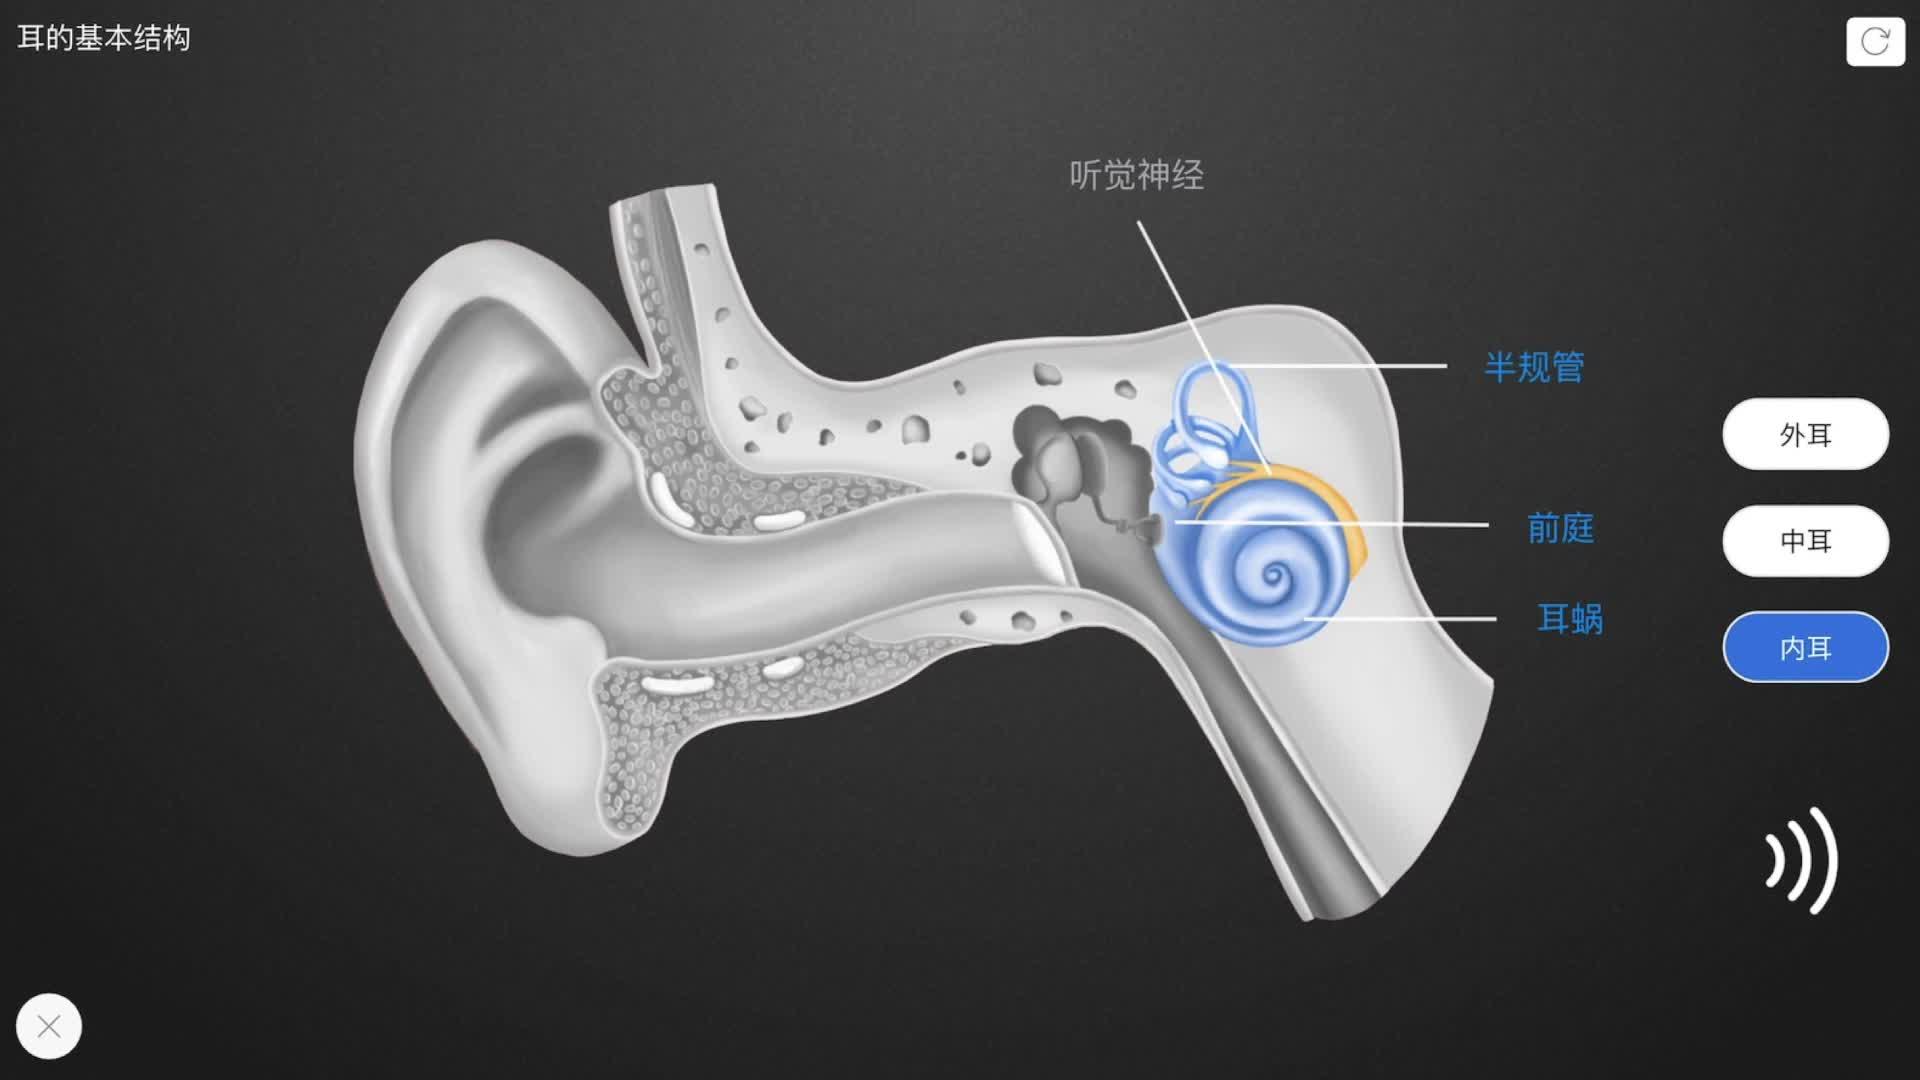 4.6.1 耳的结构-【火花学院】人教版七年级生物下册 人体的感官 第四单元 生物圈中的人 第六章 人体生命活动的调节 第一节 人体对外界环境的感知 [来自e网通客户端]